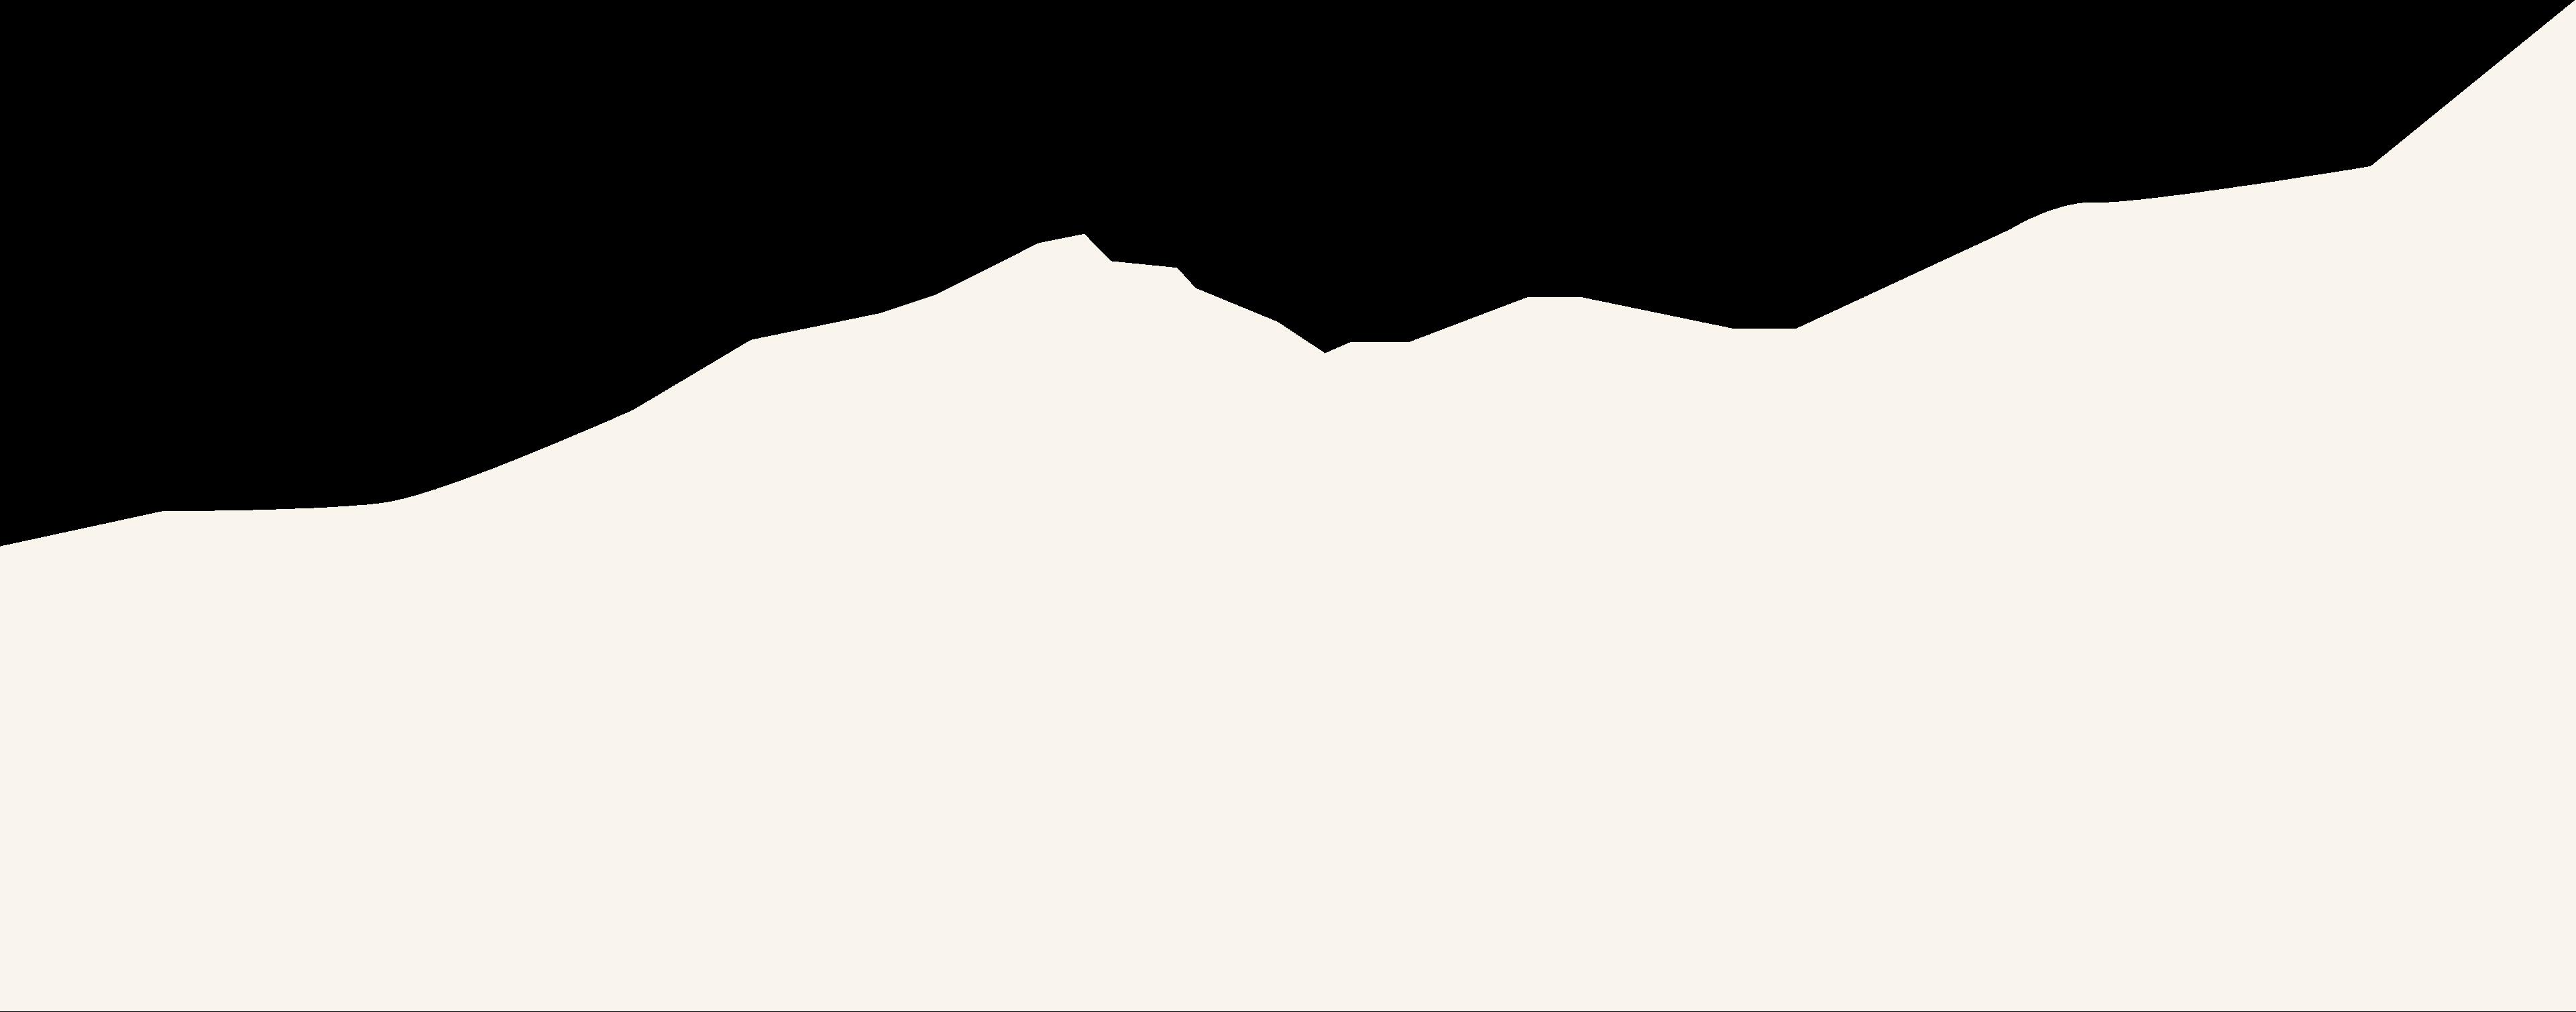 Illustration d'une montagne en beige.